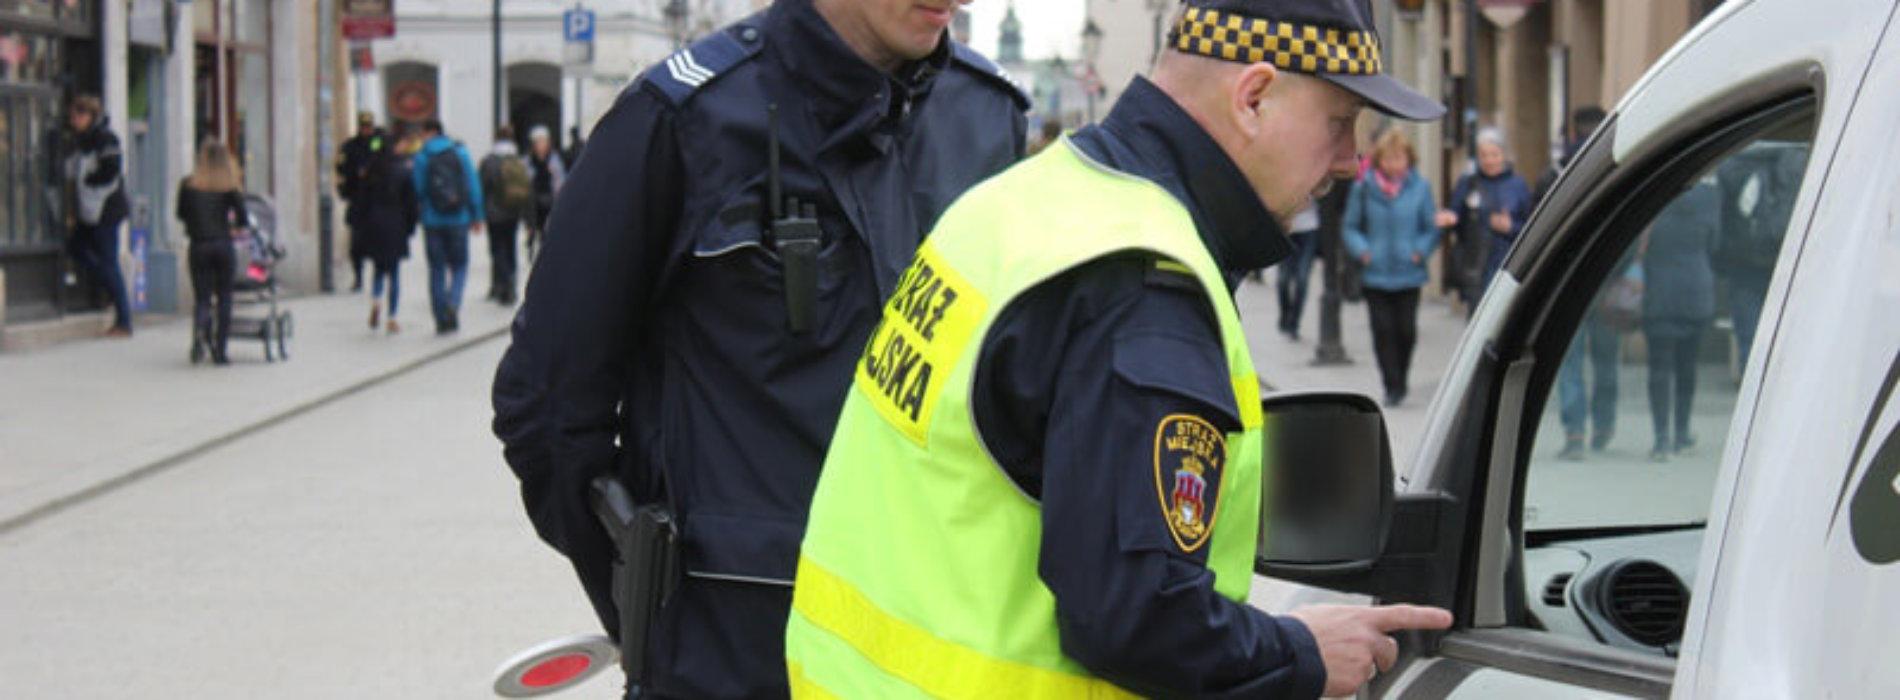 Trzymiesięczny areszt za kradzież z włamaniem